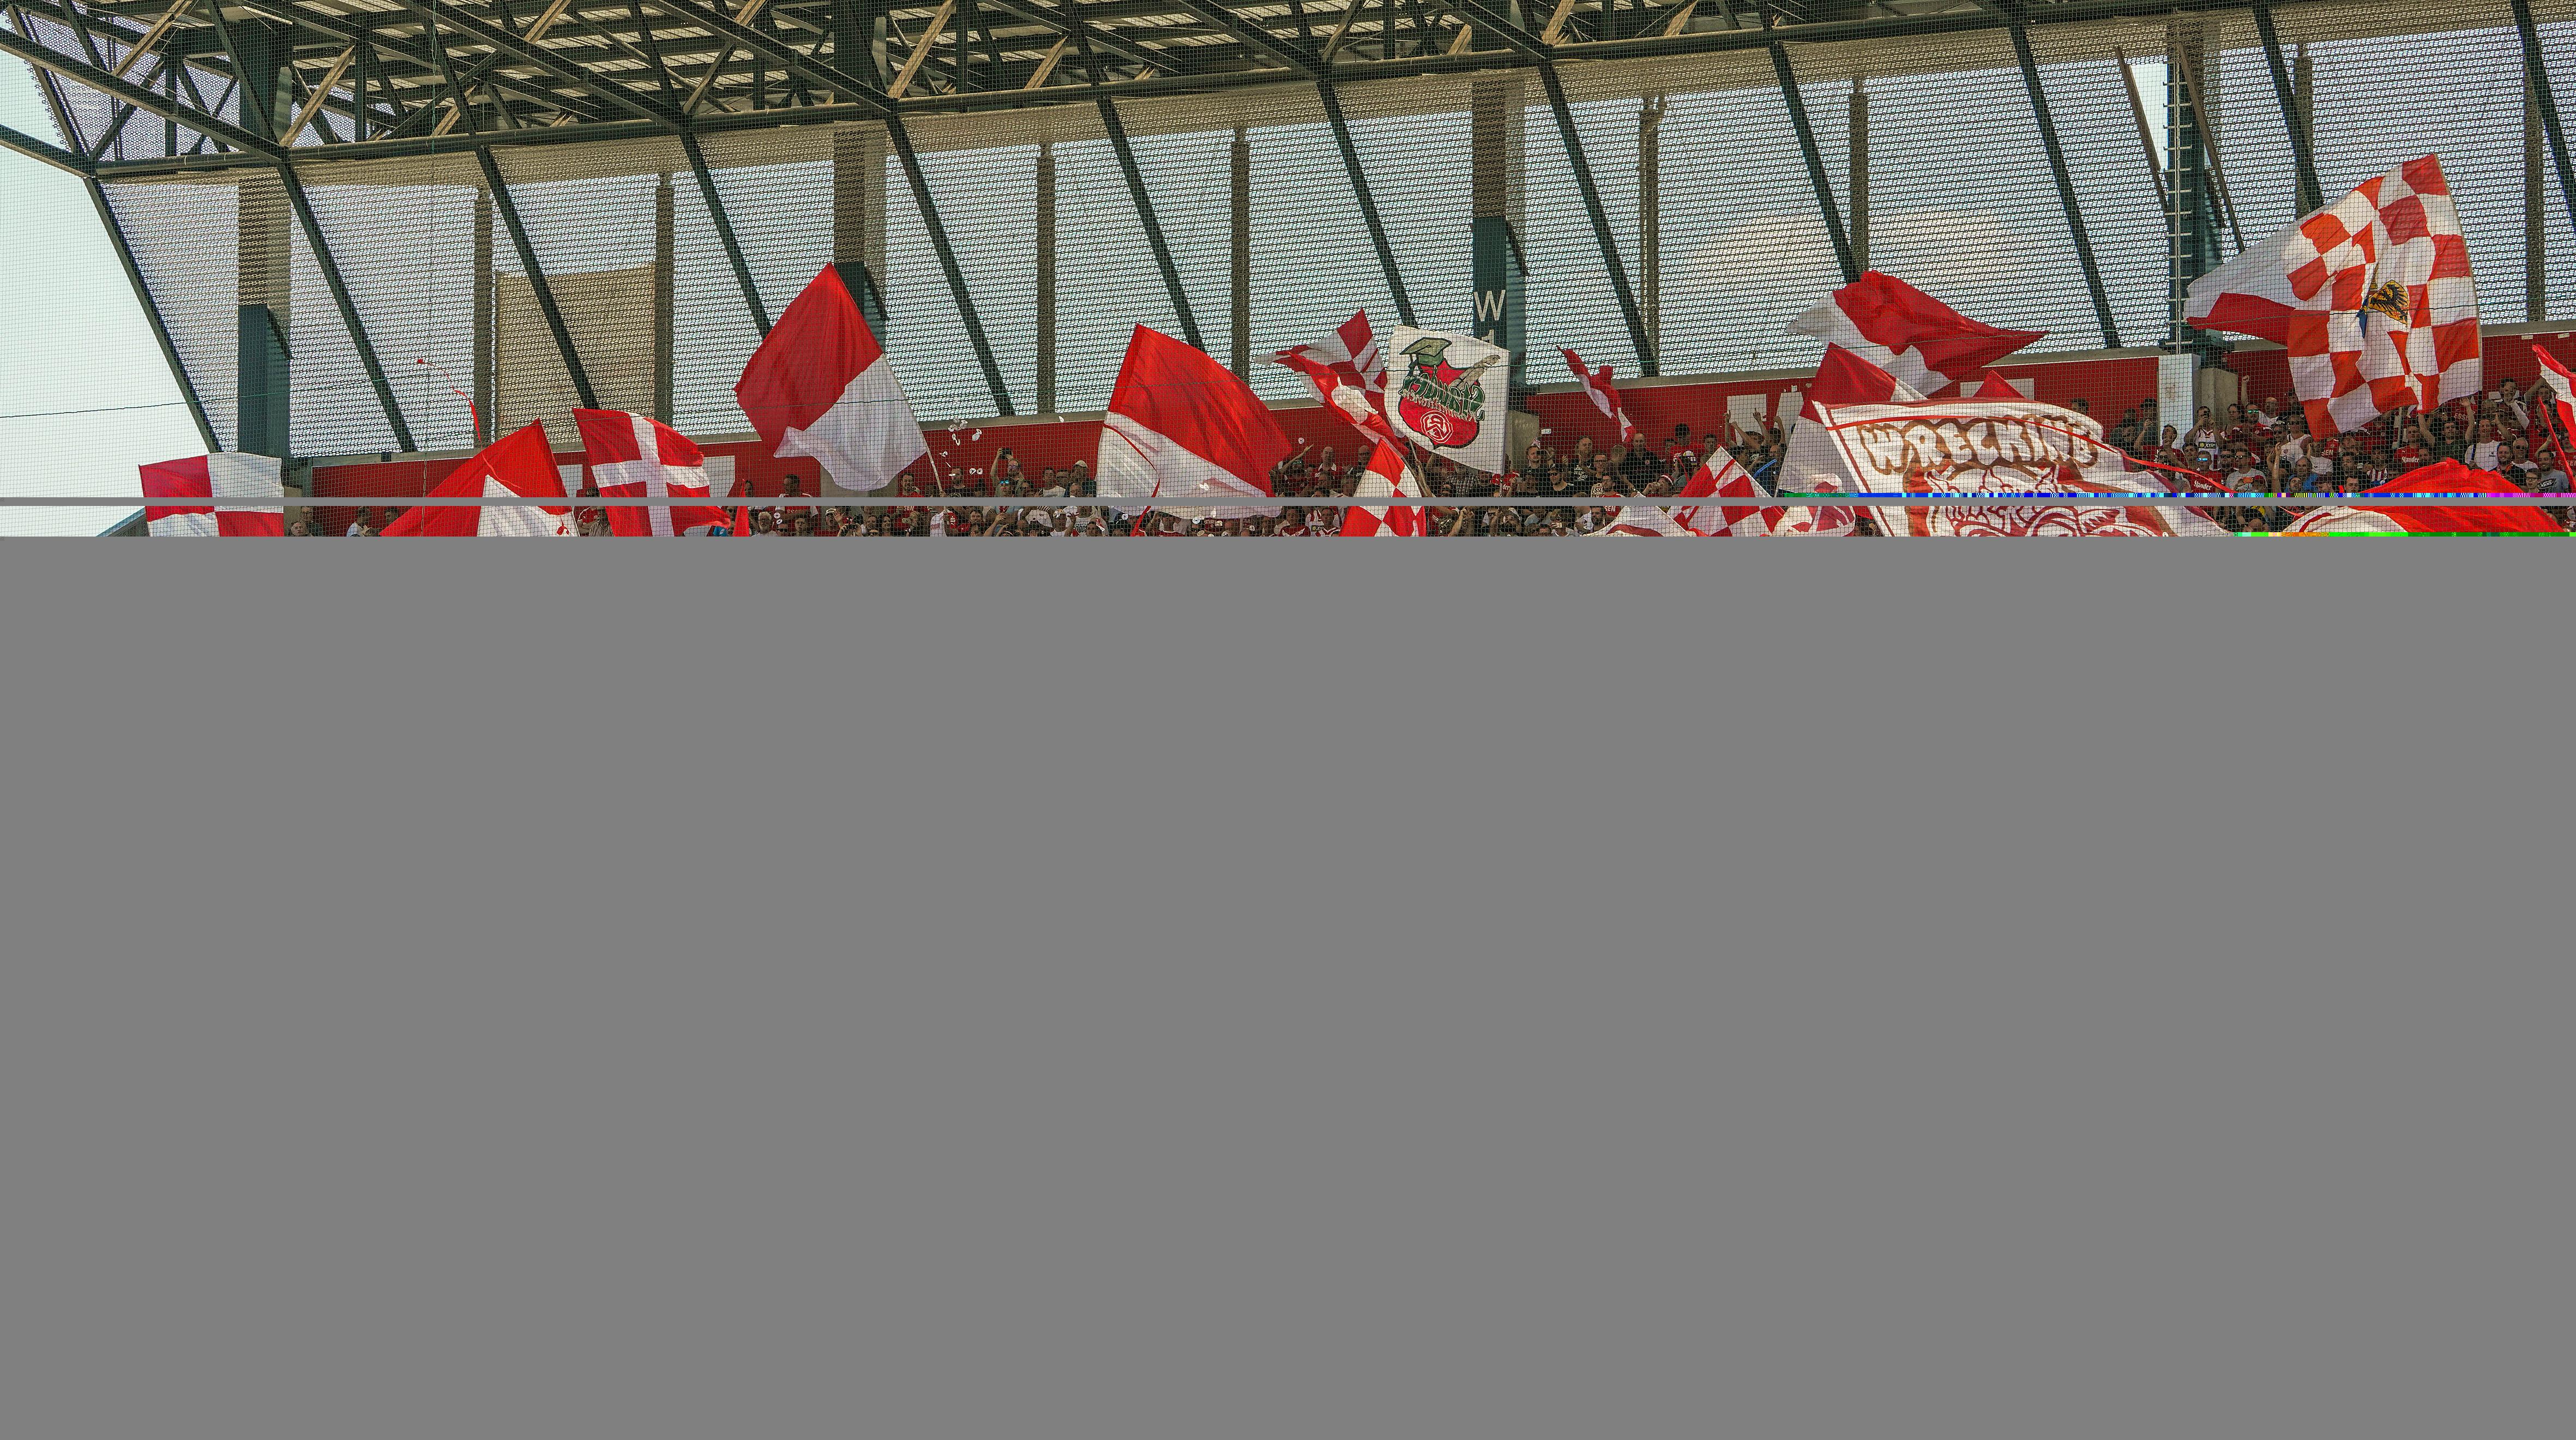 Am 20. Juli begrüßt Rot-Weiss Essen die RWE-Fans zur Saisoneröffnung. (Foto: Gohl)